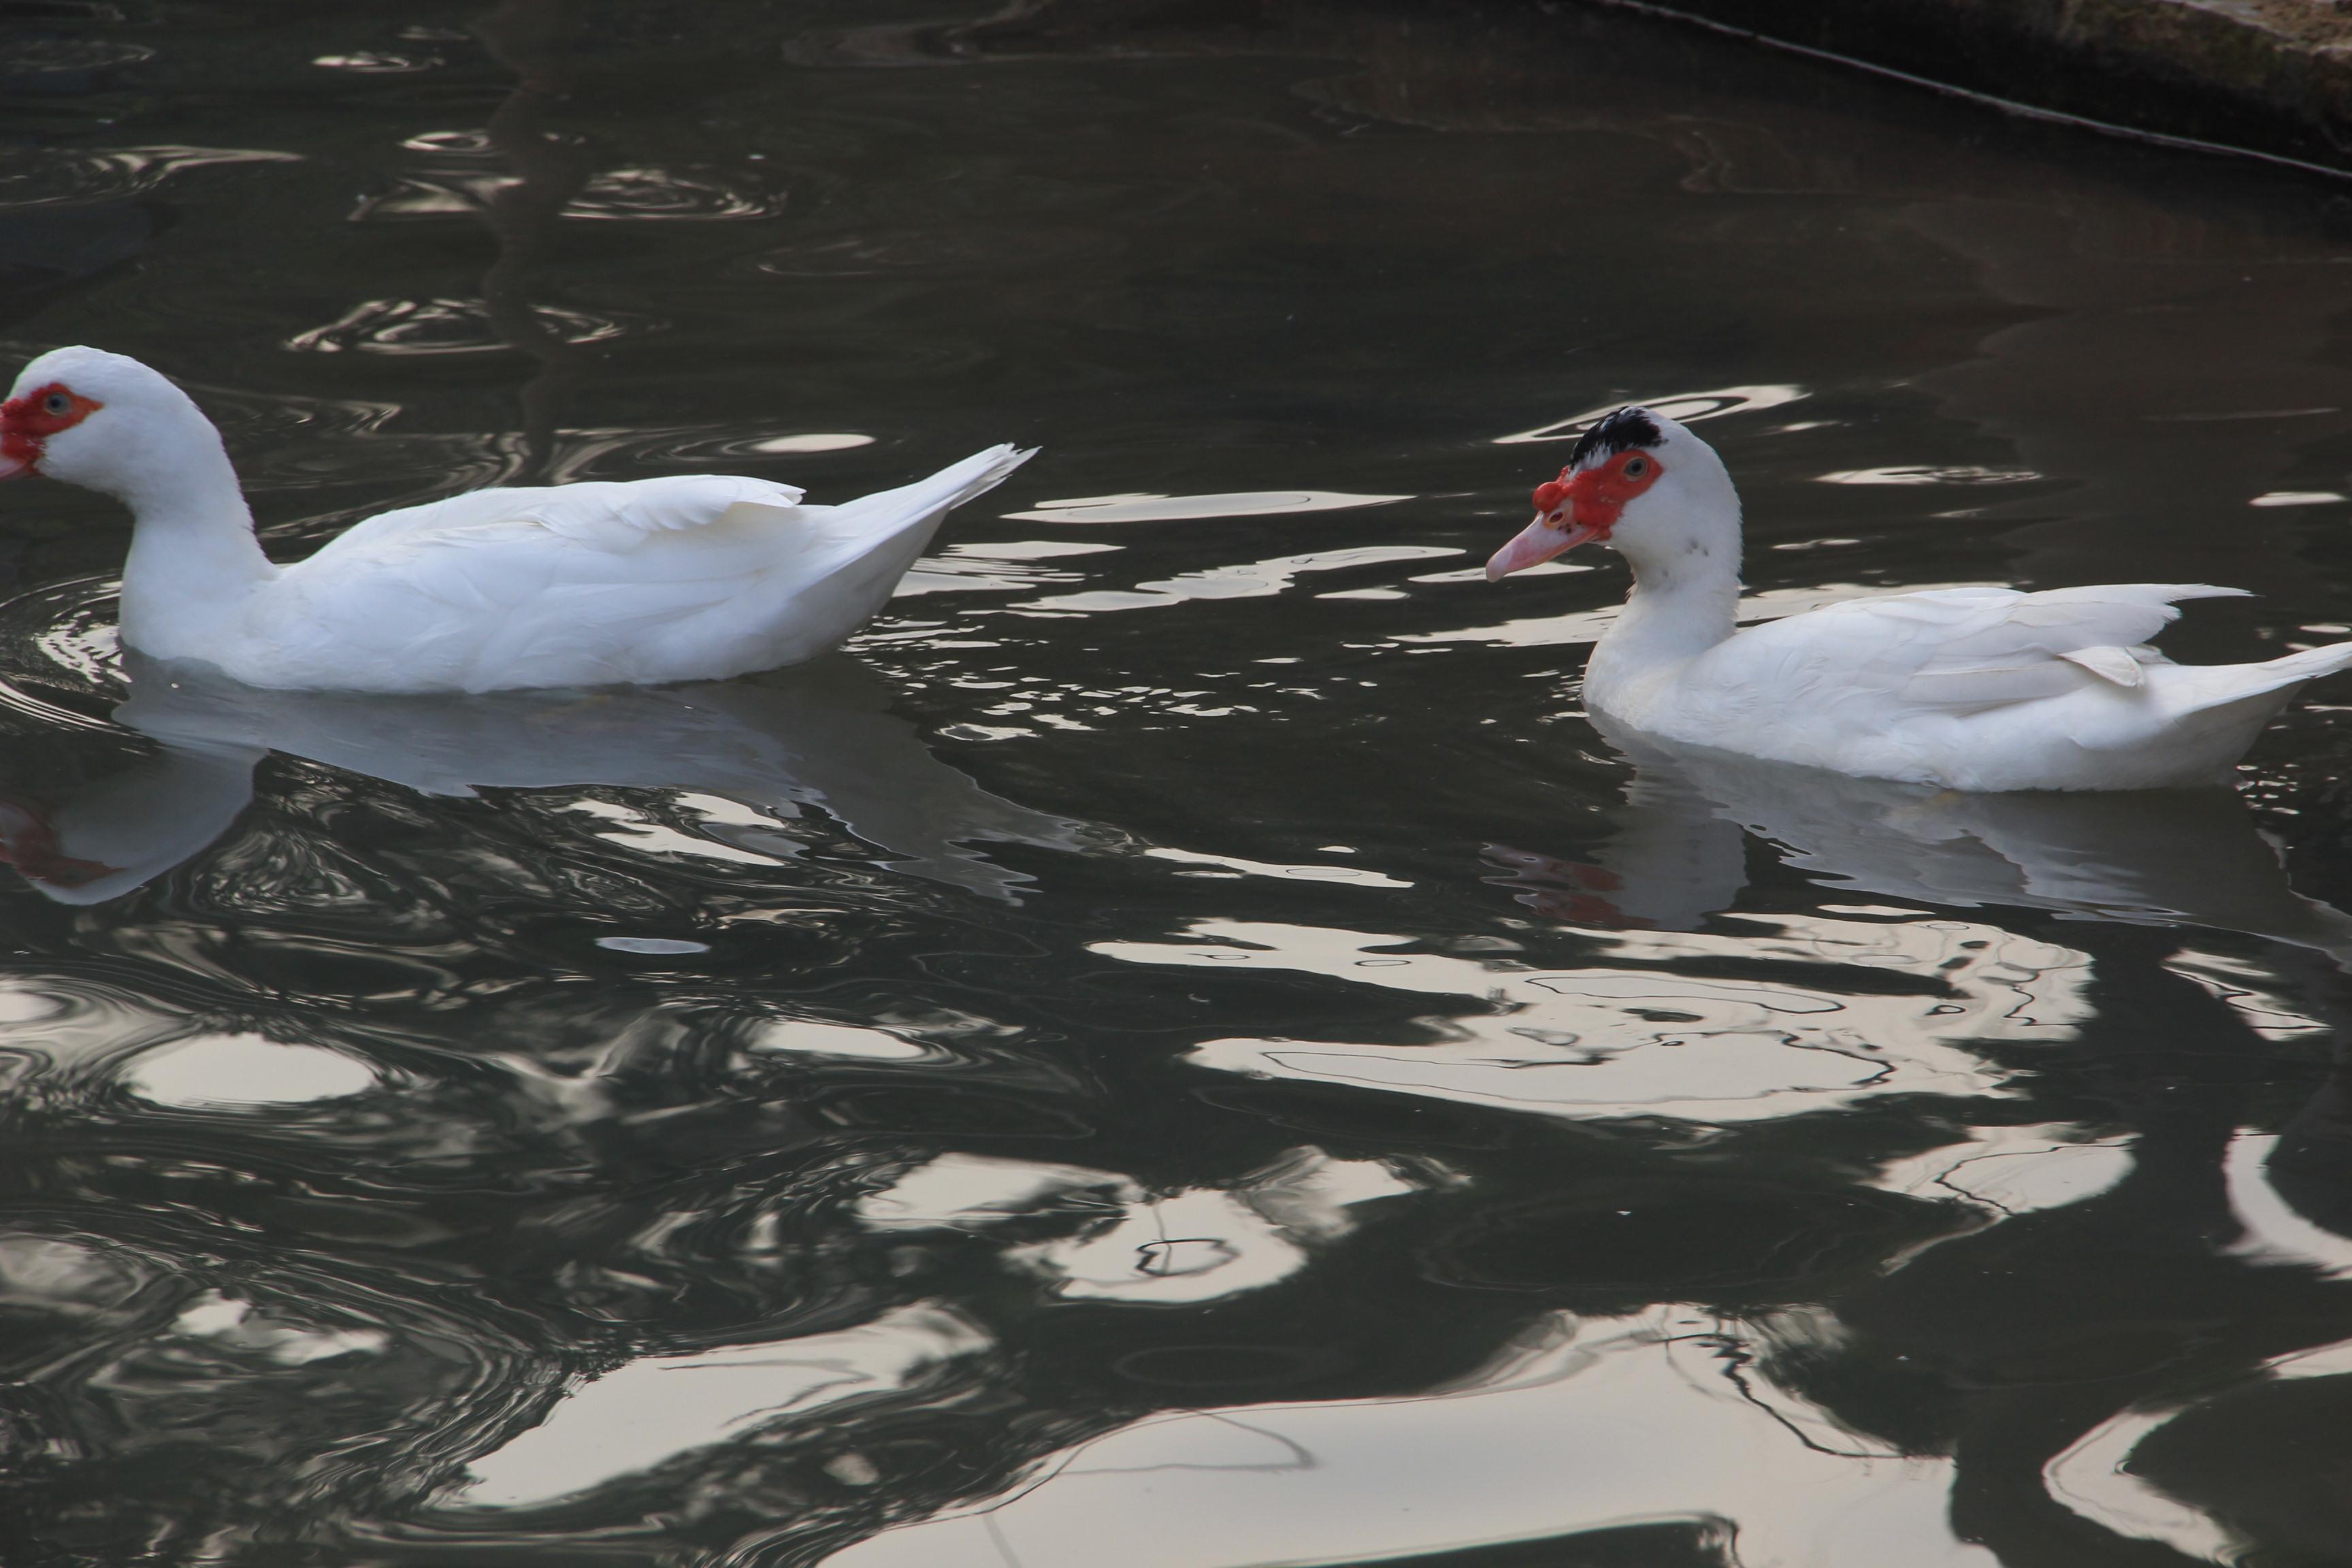 水和鸭 摄友汇分会